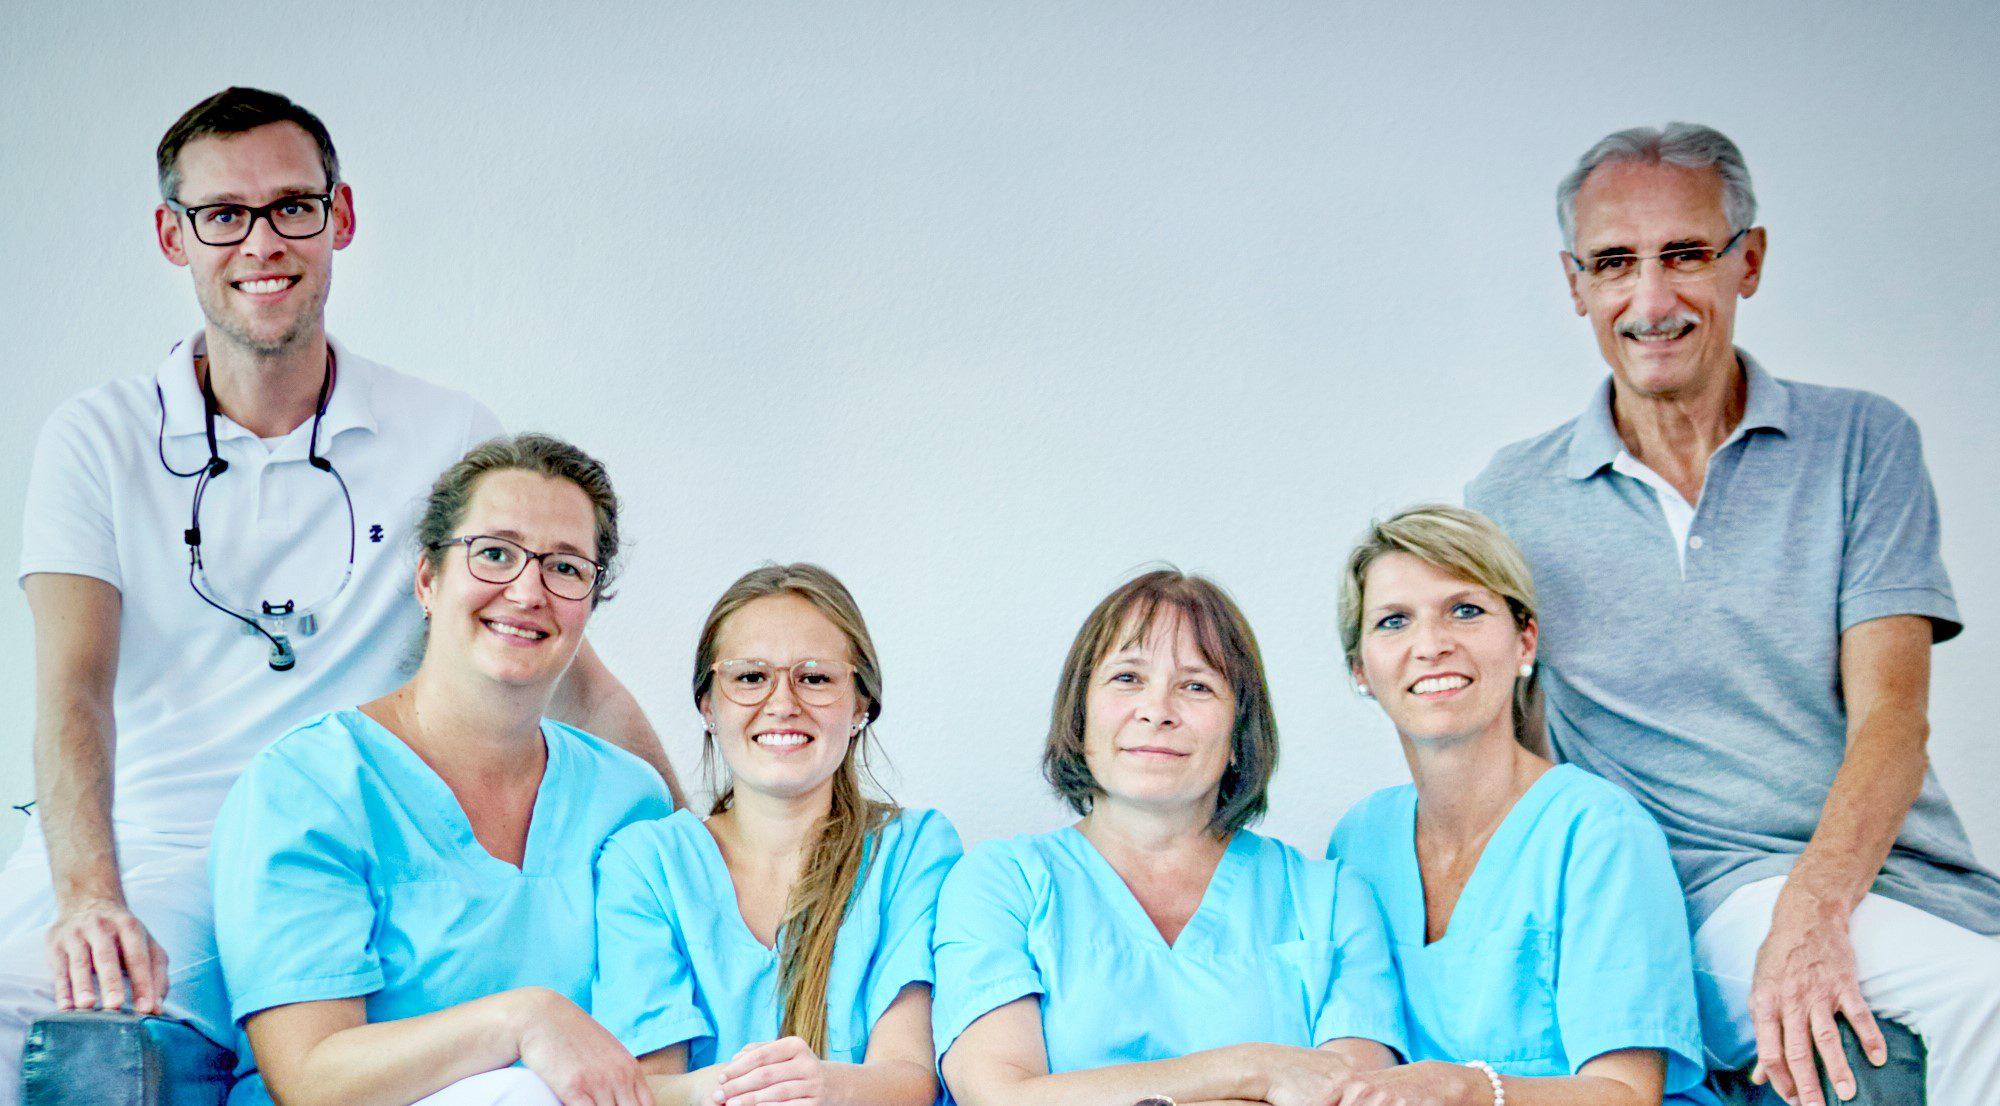 Zahnarzt Team auf der Couch - Zahnarztpraxis-Hocke